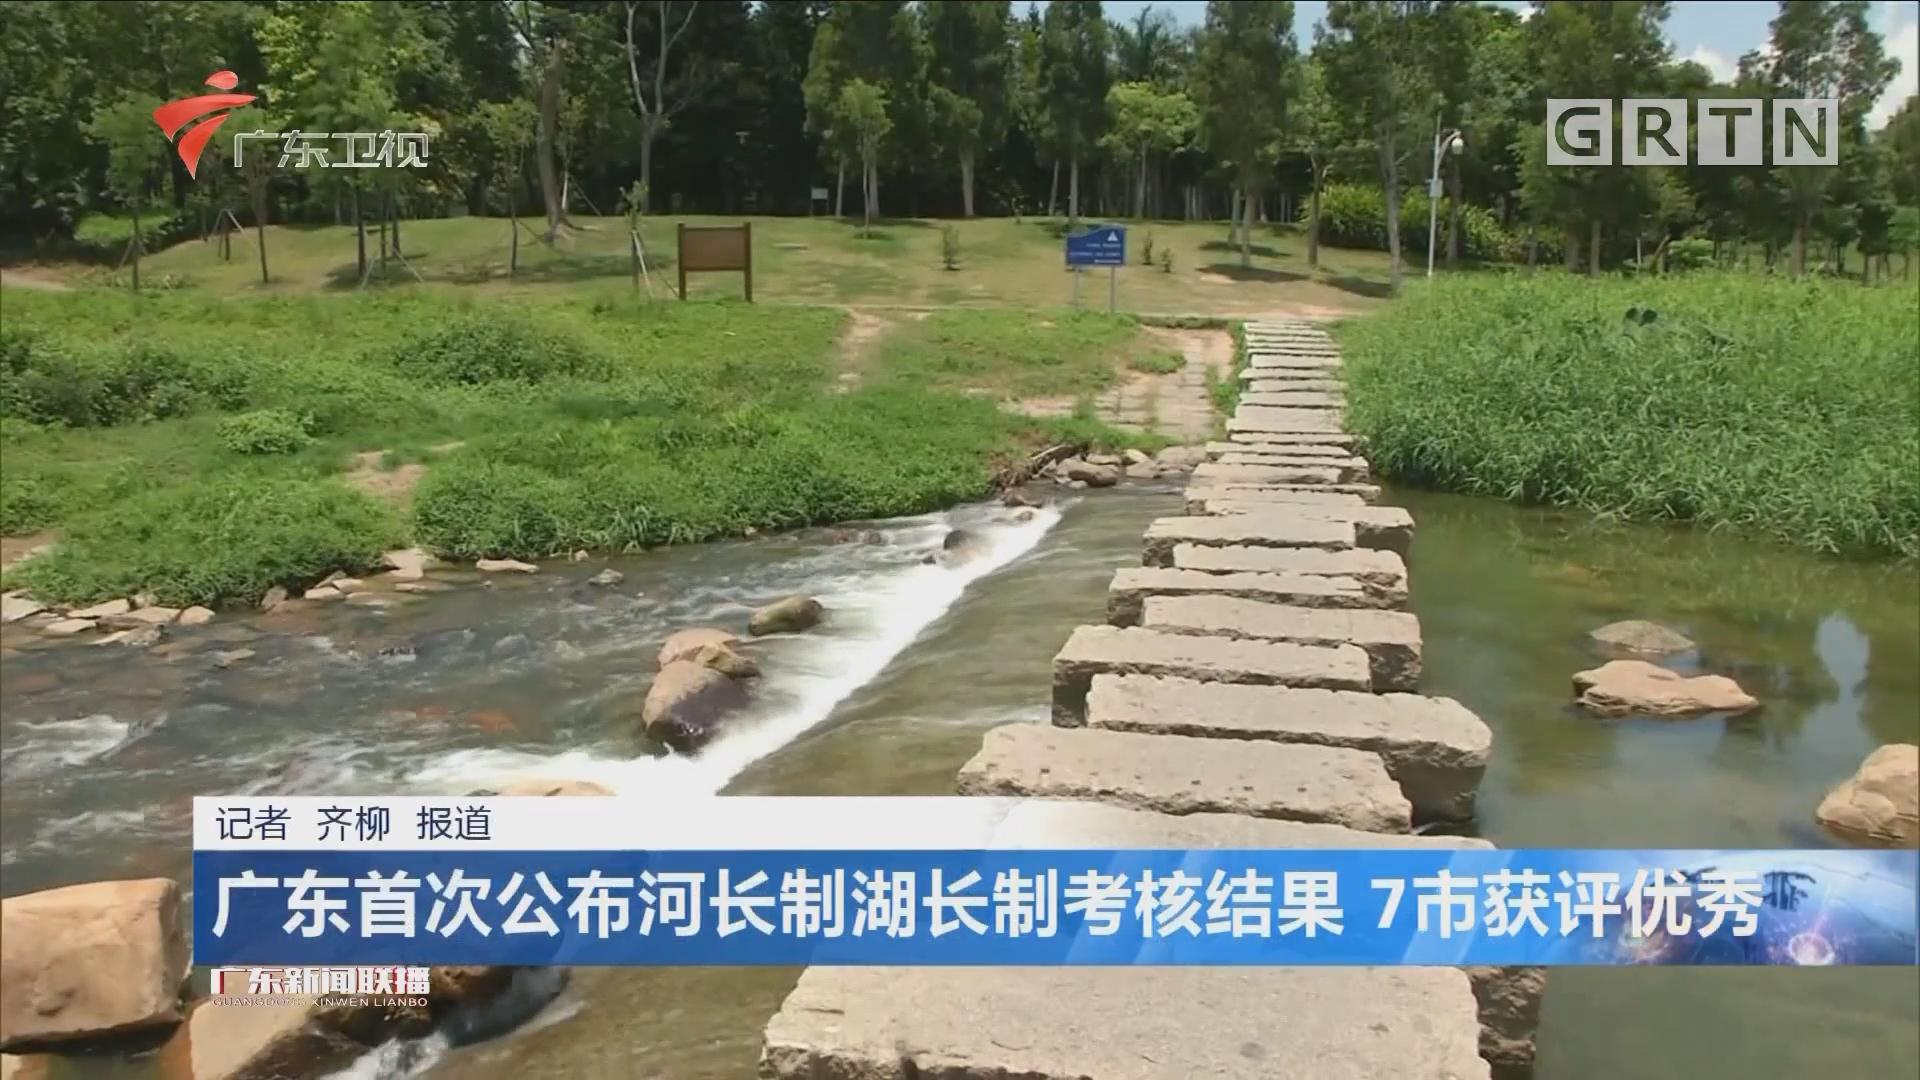 广东首次公布河长制湖长制考核结果 7市获评优秀